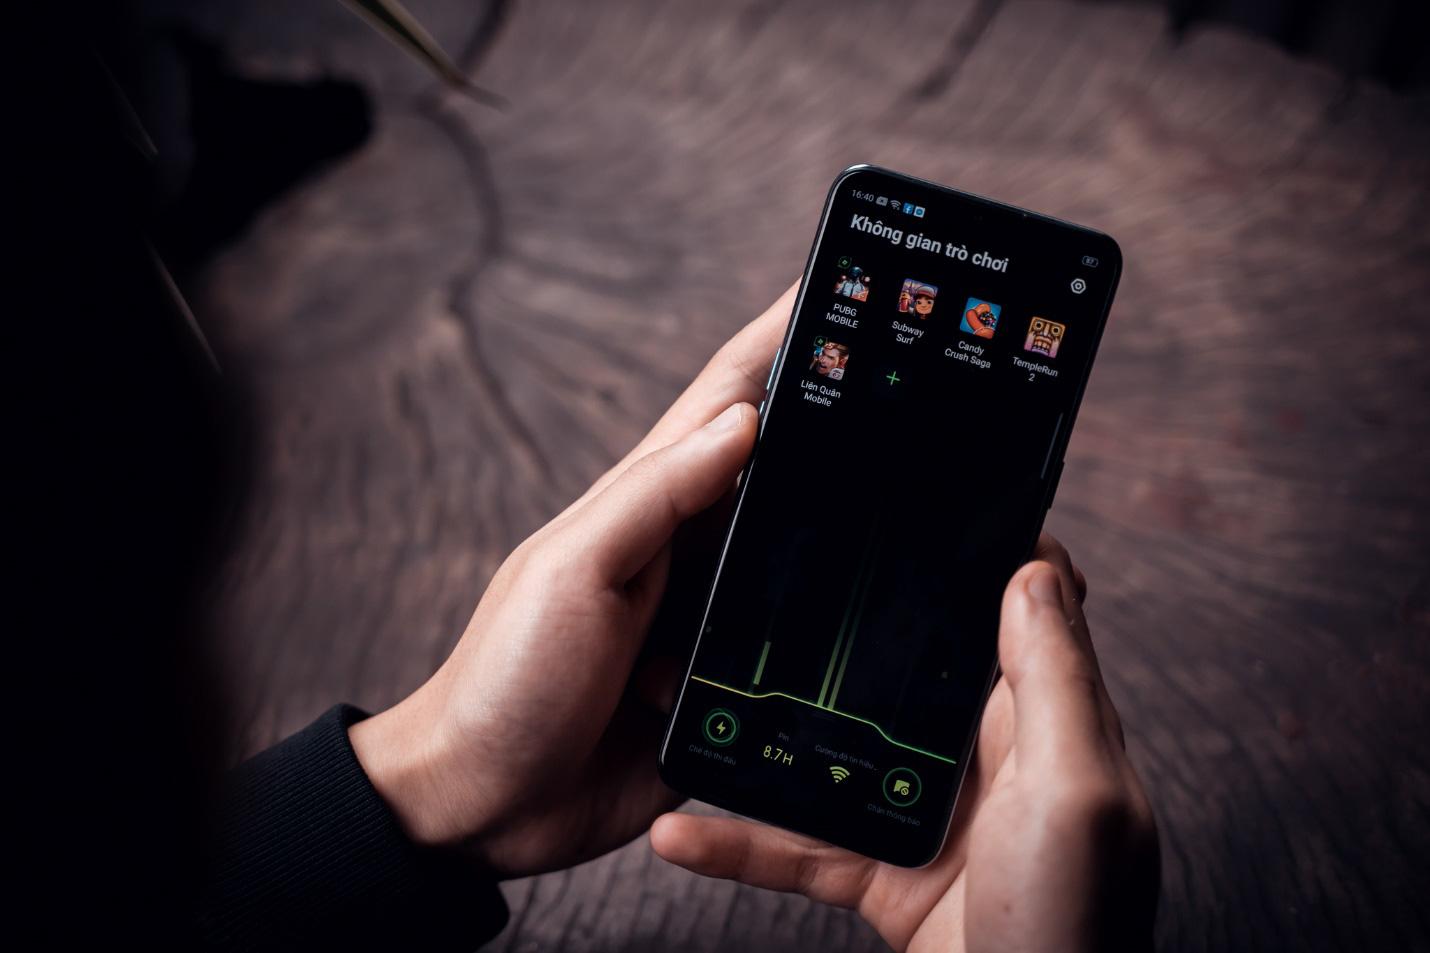 Smartphone tầm trung chơi game ngon thì nhiều, nhưng ít máy có nhiều tùy chỉnh hay ho như thế này - Ảnh 3.